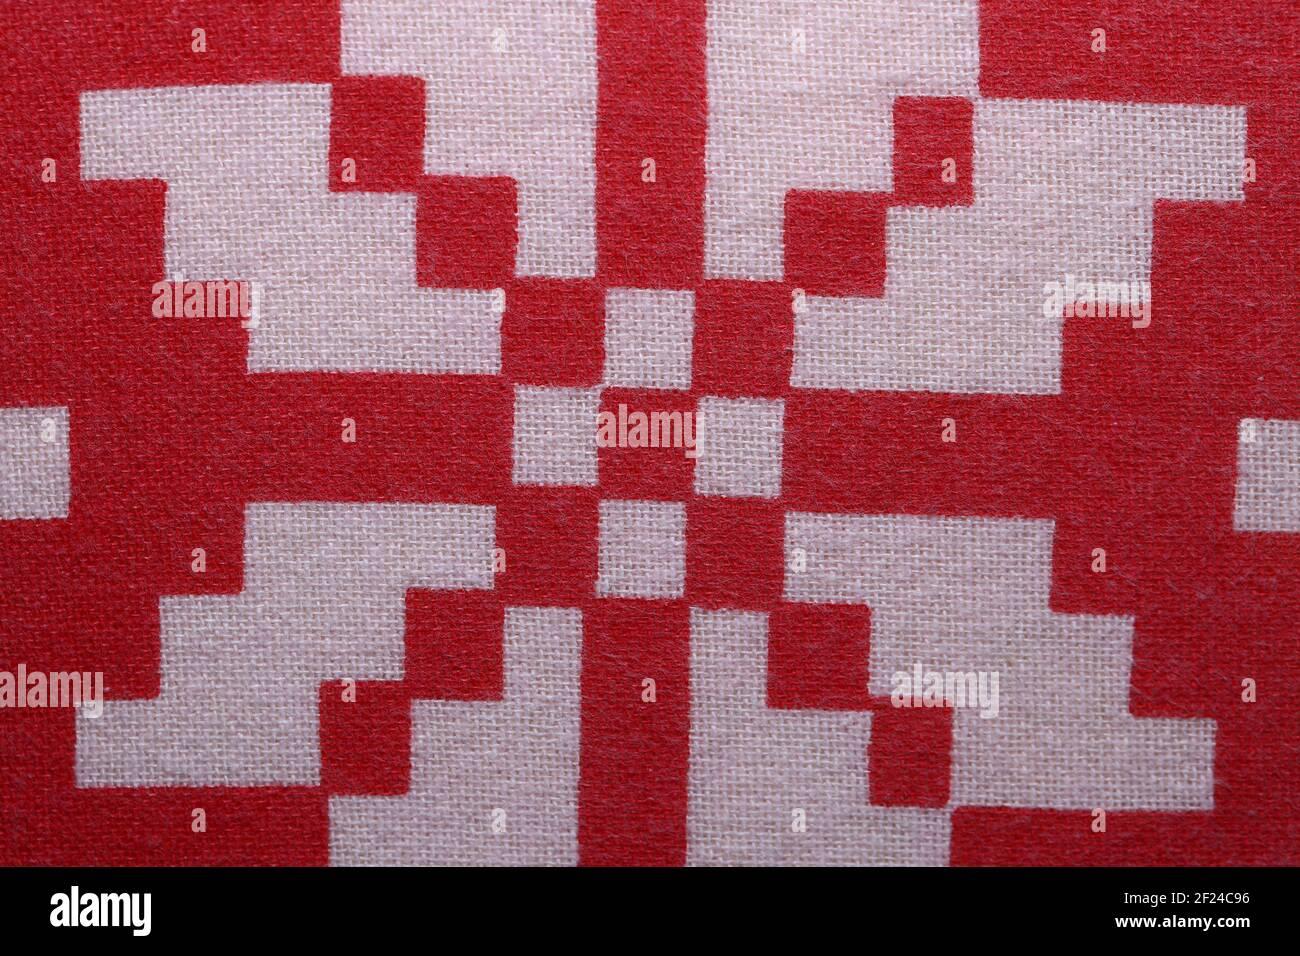 Cierre de textura de algodón blanco y rojo Foto de stock